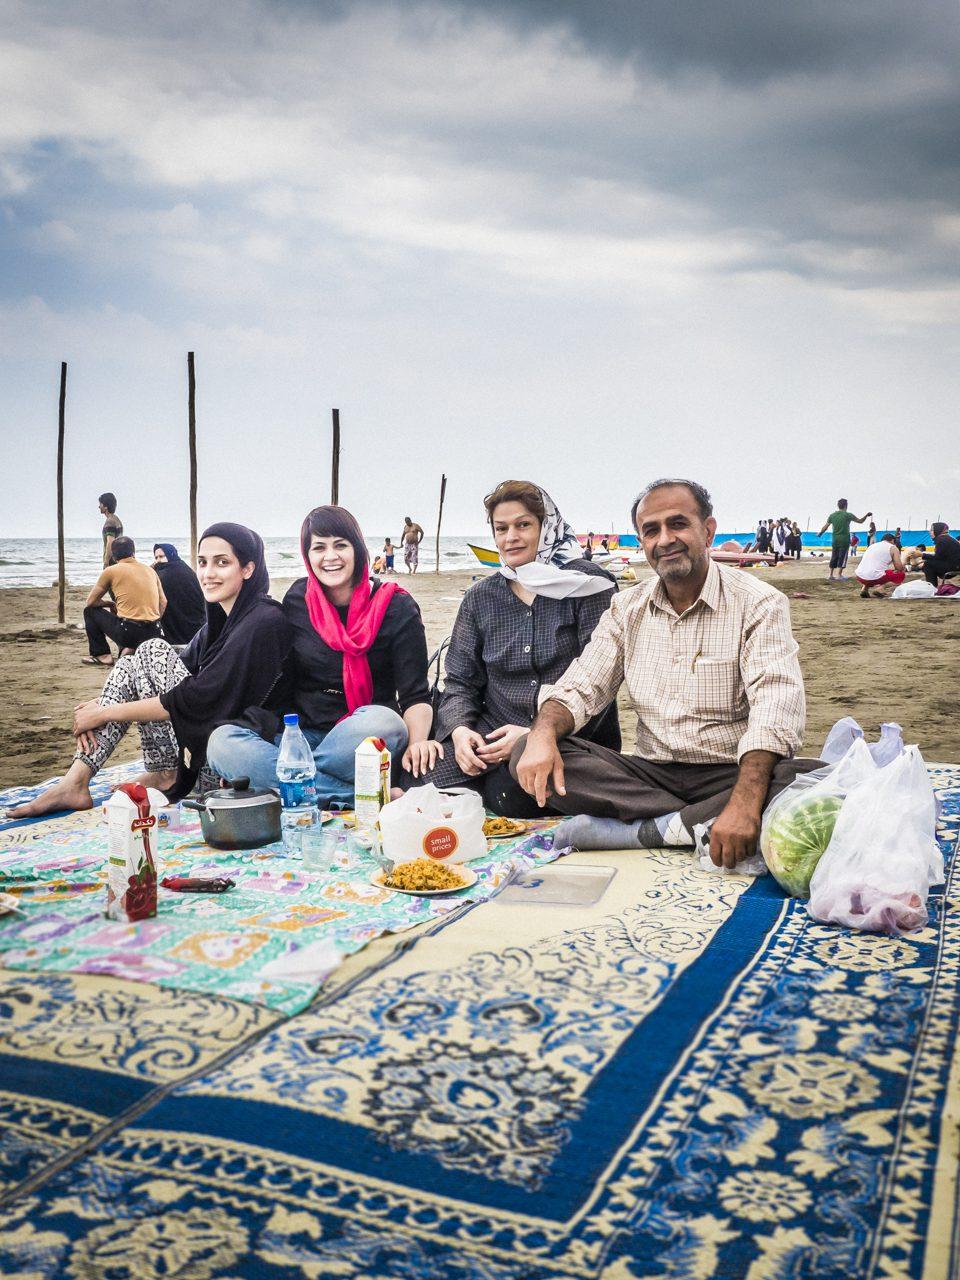 Iran, Royan, Strand am  Kaspischen Meer, Asien, 11.07.2014